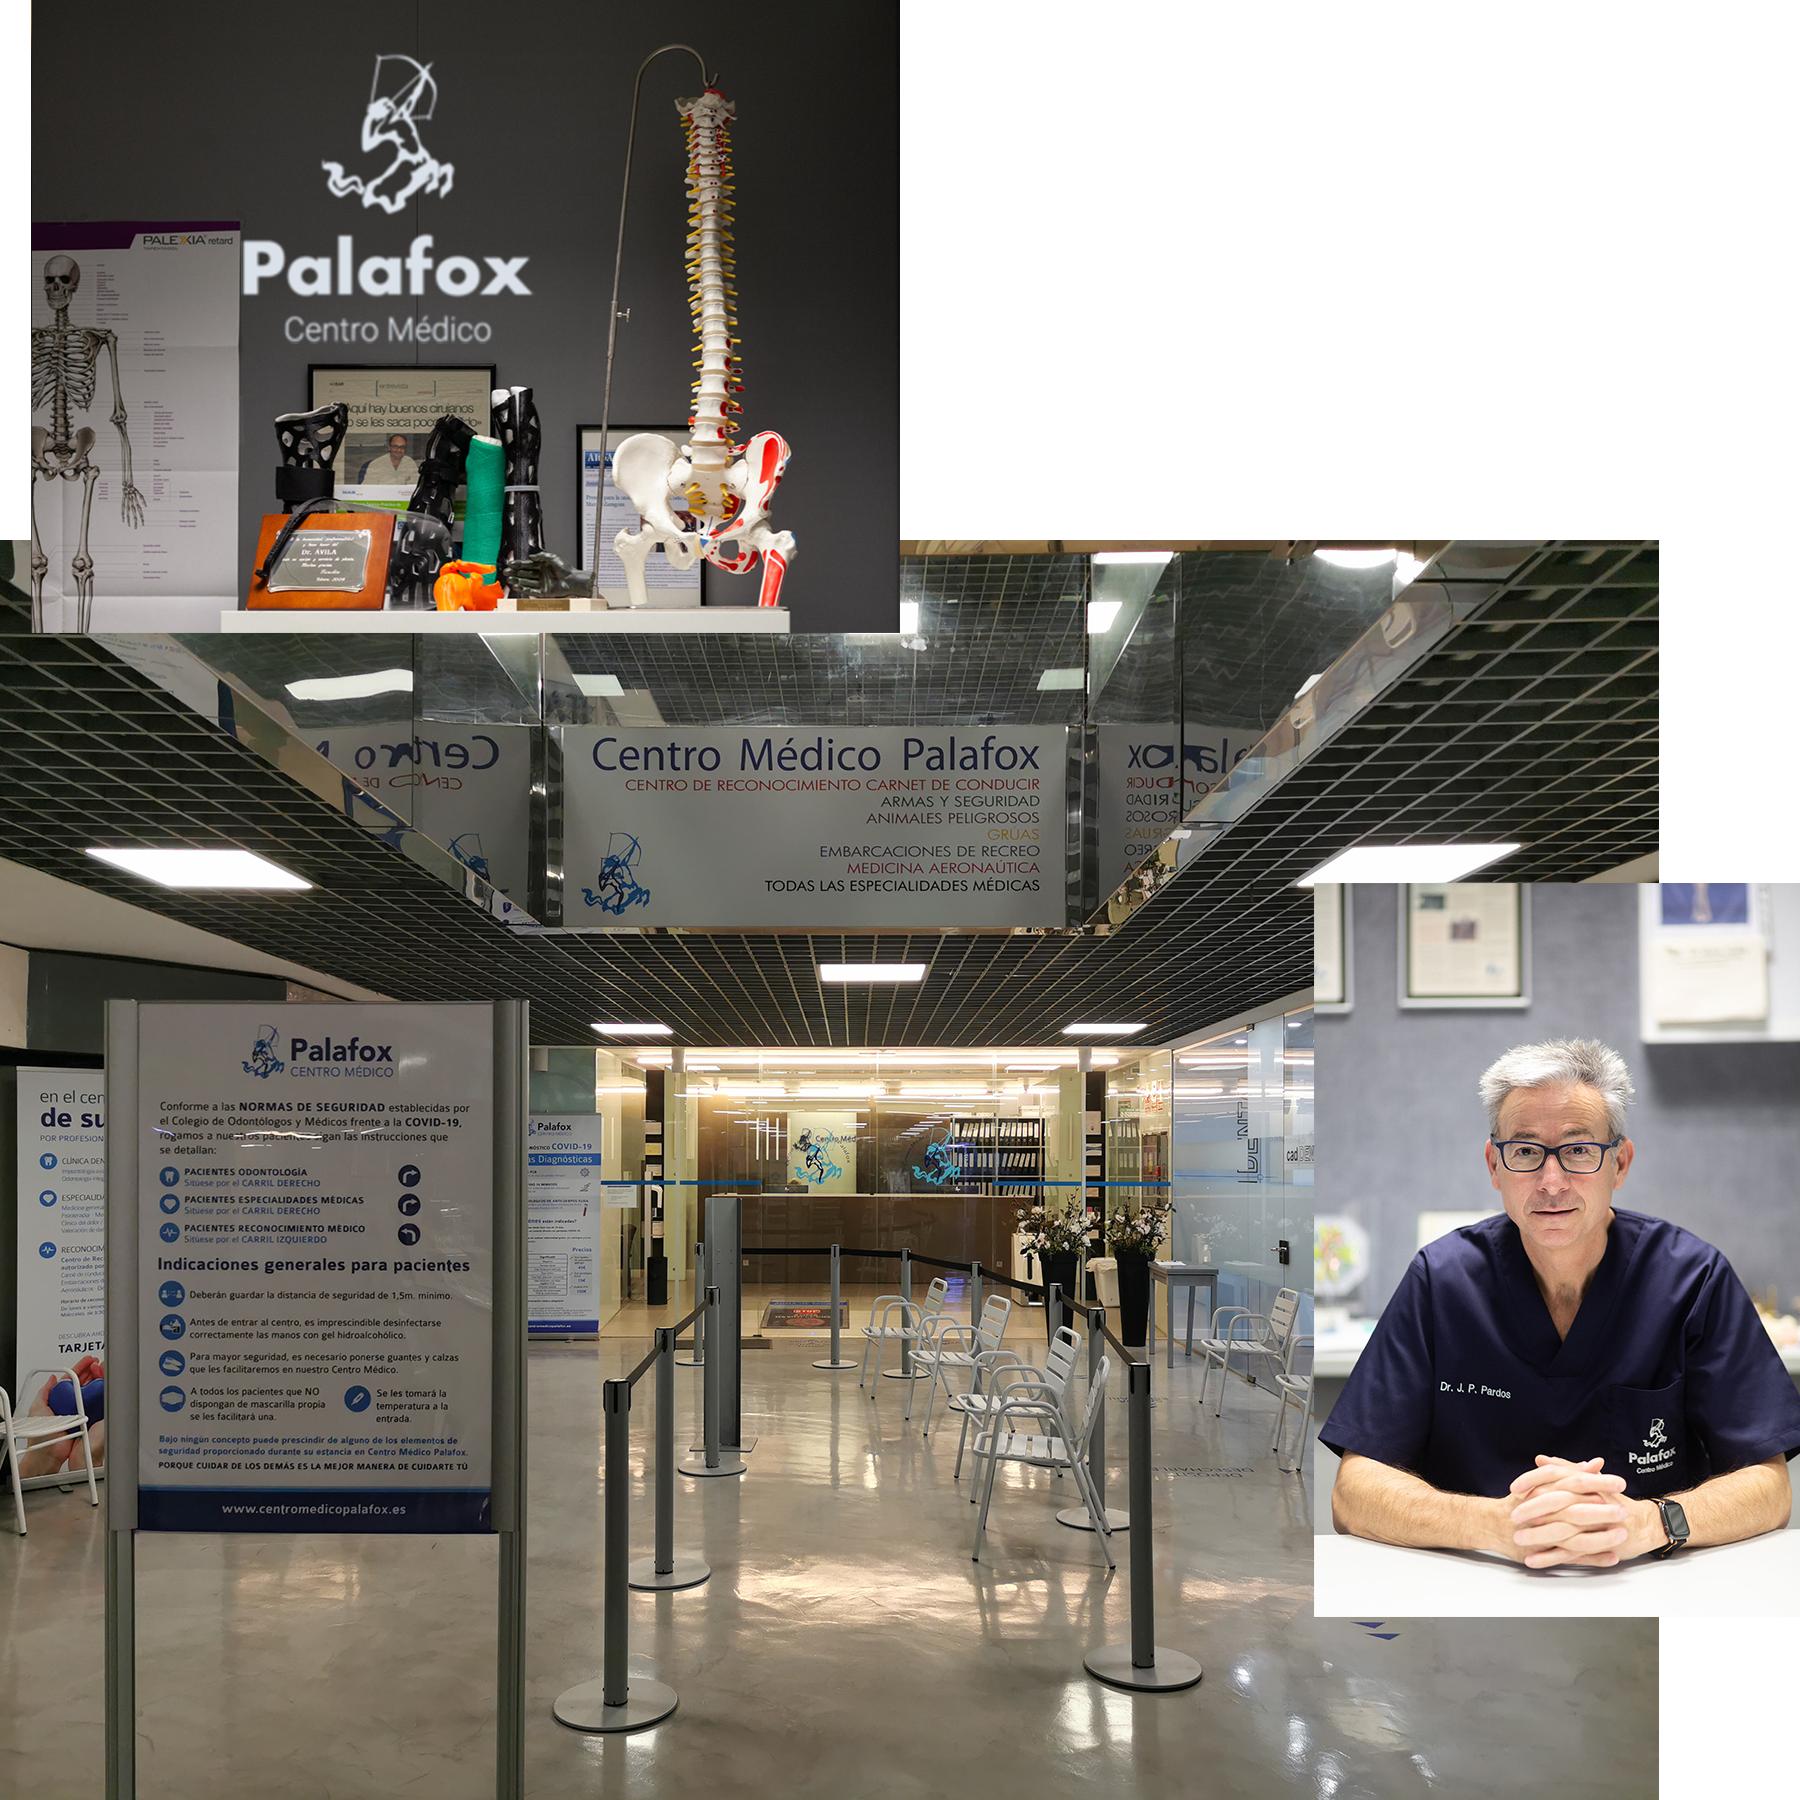 Centro Medico Palafox – Centro Independencia Caracol